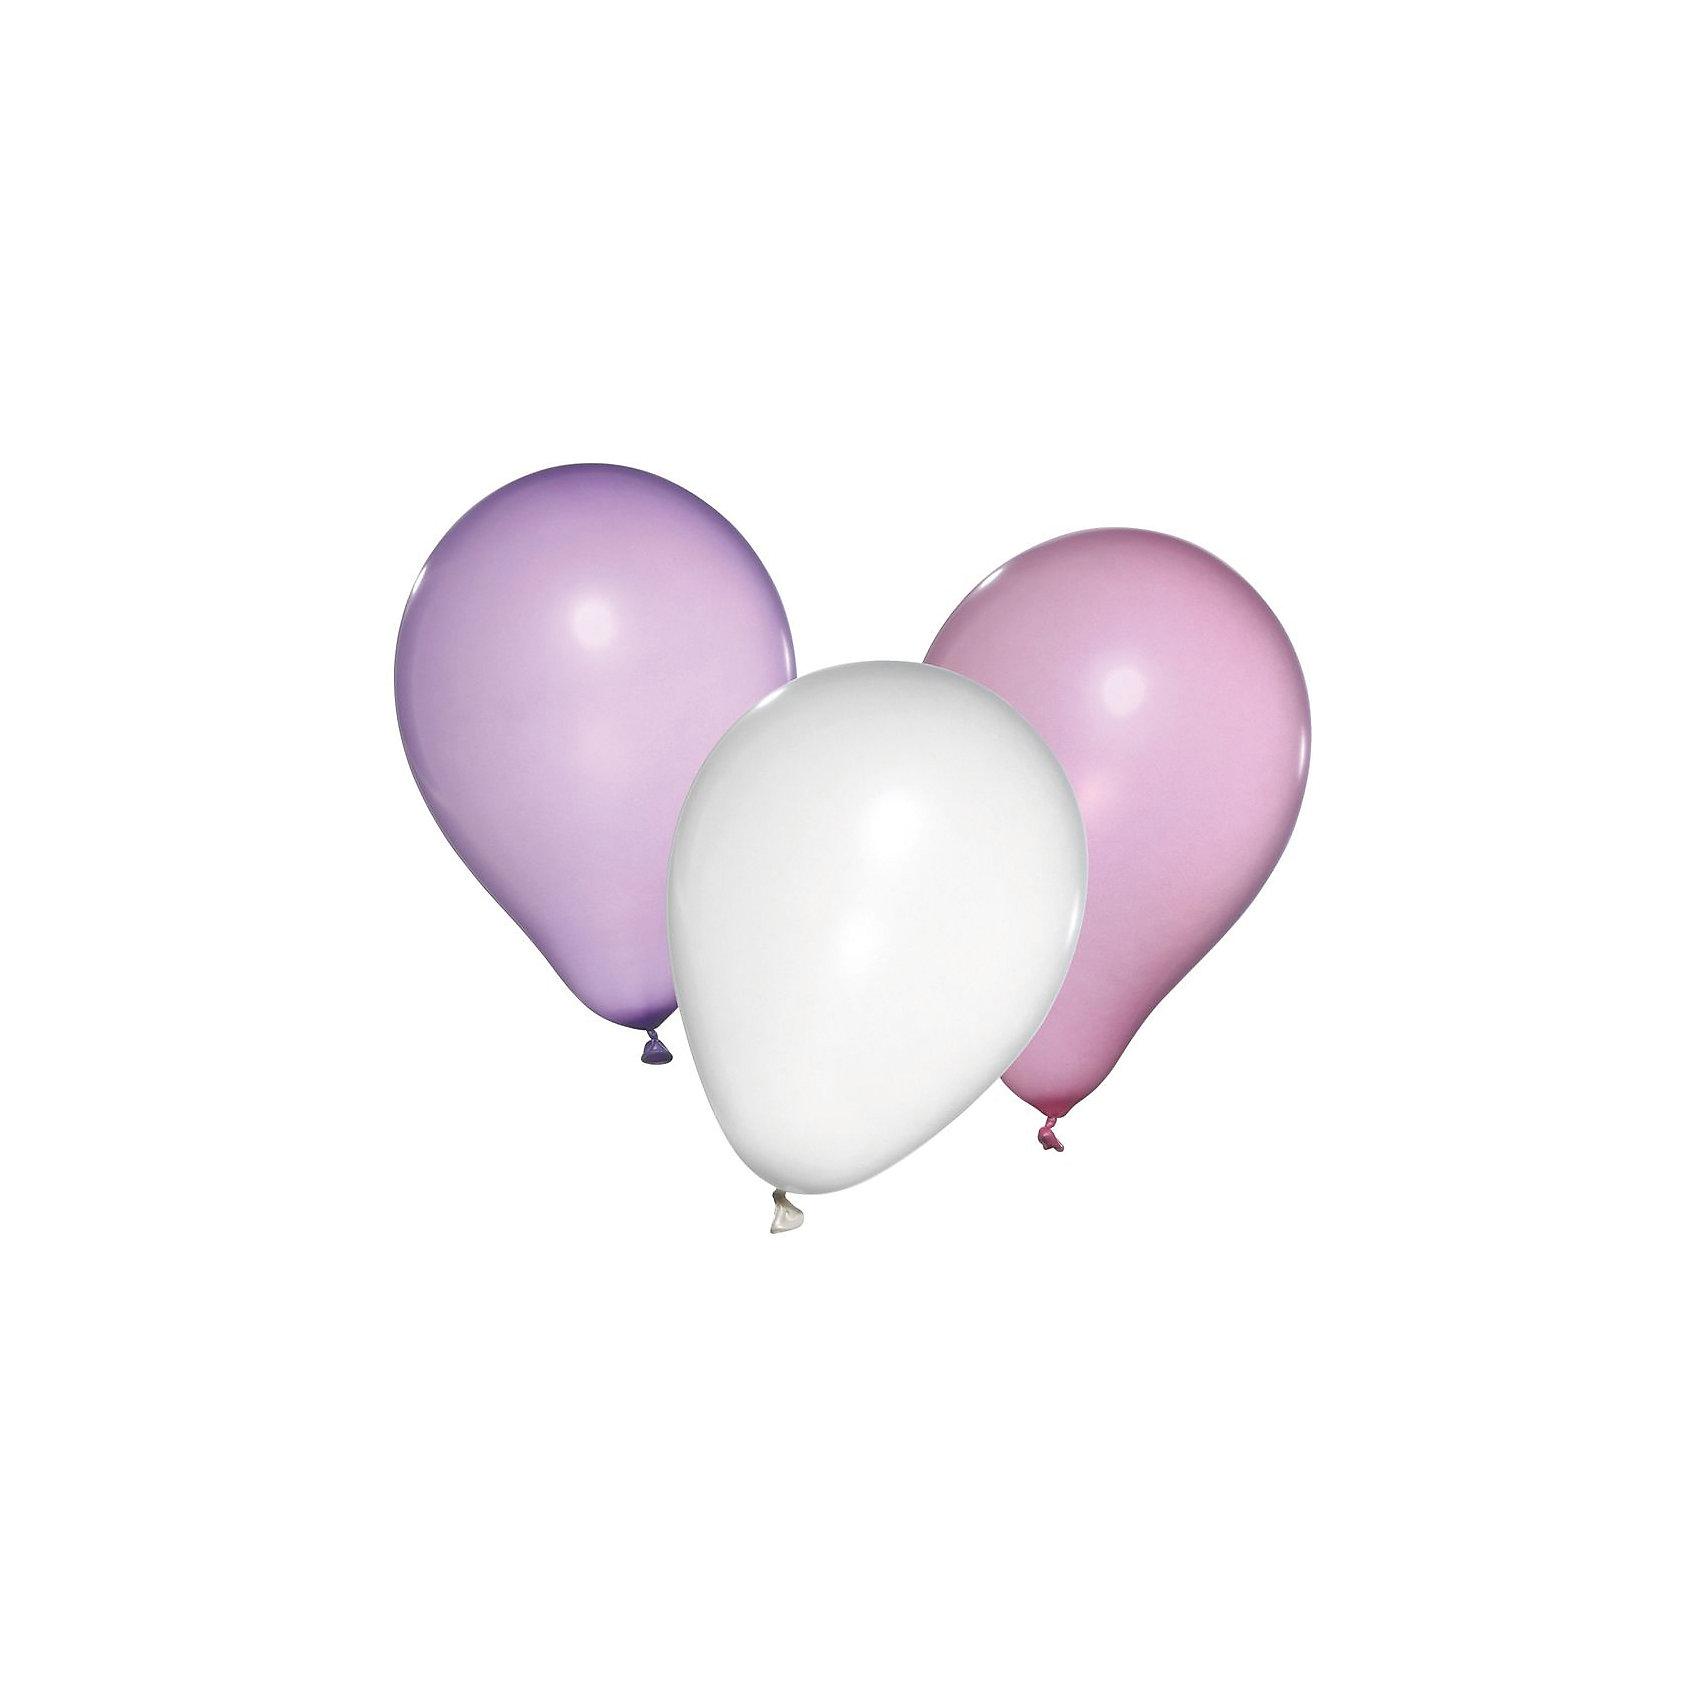 Шары воздушные Принцесса, перламутр 10 штВсё для праздника<br>Характеристики товара:<br><br>• возраст: от 3 лет<br>• цвет: белый, розовый<br>• материал: биоразлагаемый латекс<br>• размер упаковки: 1х13х23 см<br>• для надувания гелием или воздухом<br>• комплектация: 10 шт<br>• вес: 30 г<br>• страна бренда: Германия<br>• страна изготовитель: Германия<br><br>Перламутровые воздушные шары нежных оттенков добавят красок во время празднования дня рождения или свадьбы.<br><br>Изделие произведено из безопасного для детей материала.<br><br>Шары воздушные «Принцесса» перламутр 10 шт от бренда Herlitz (Херлиц) можно купить в нашем интернет-магазине.<br><br>Ширина мм: 15<br>Глубина мм: 128<br>Высота мм: 230<br>Вес г: 37<br>Возраст от месяцев: 36<br>Возраст до месяцев: 2147483647<br>Пол: Унисекс<br>Возраст: Детский<br>SKU: 6886489